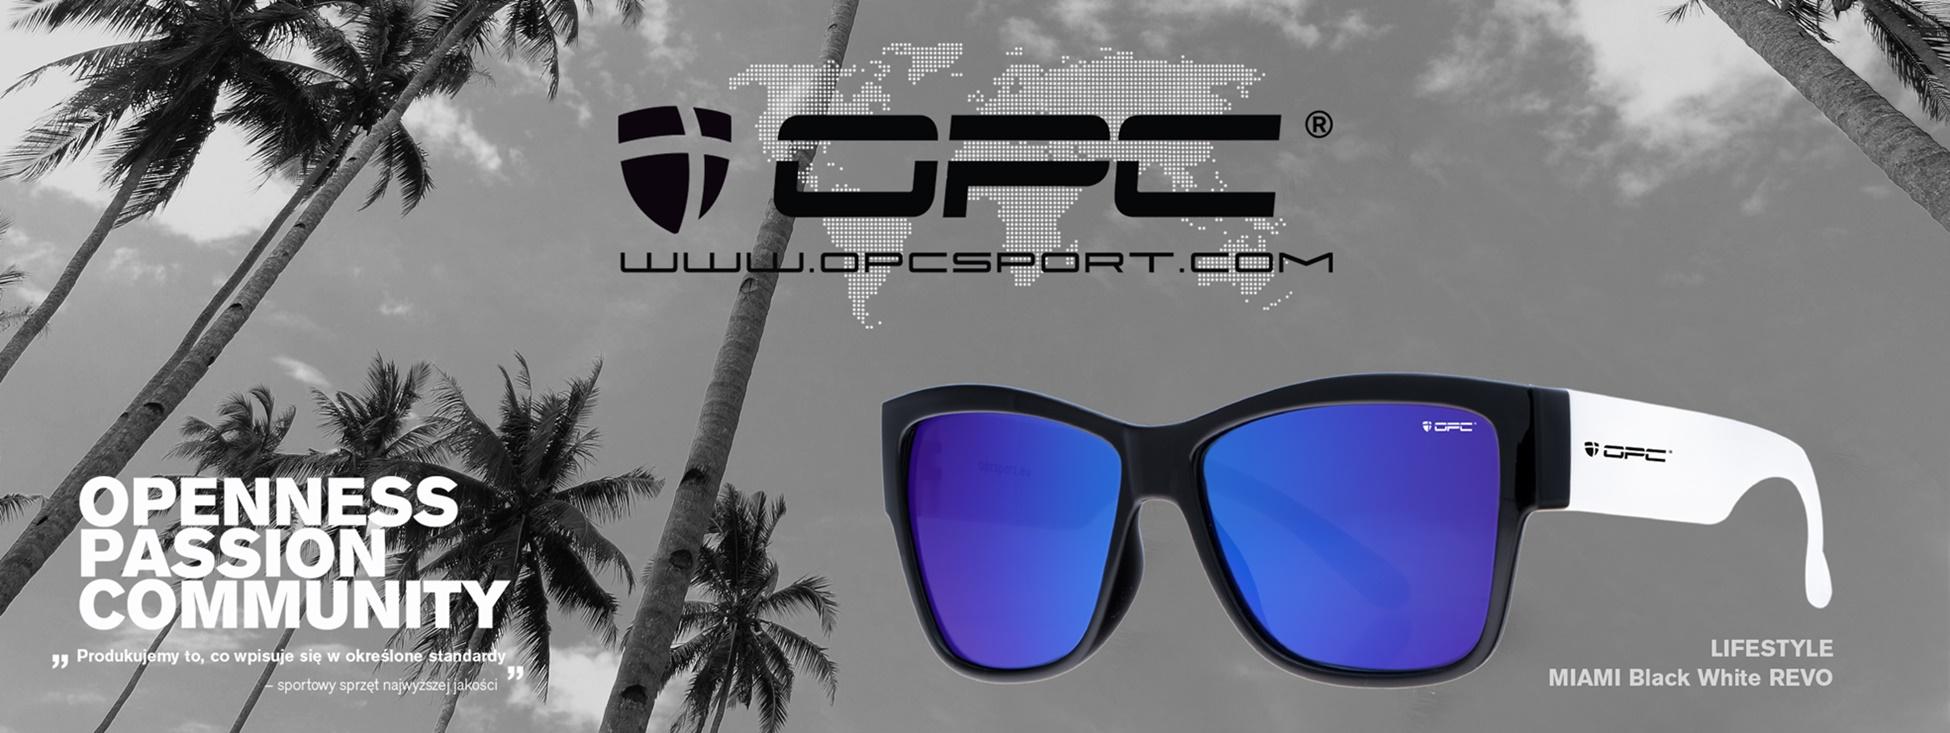 091c83b68b5a89 RajSport.com.pl - Twój najlepszy internetowy sklep sportowy